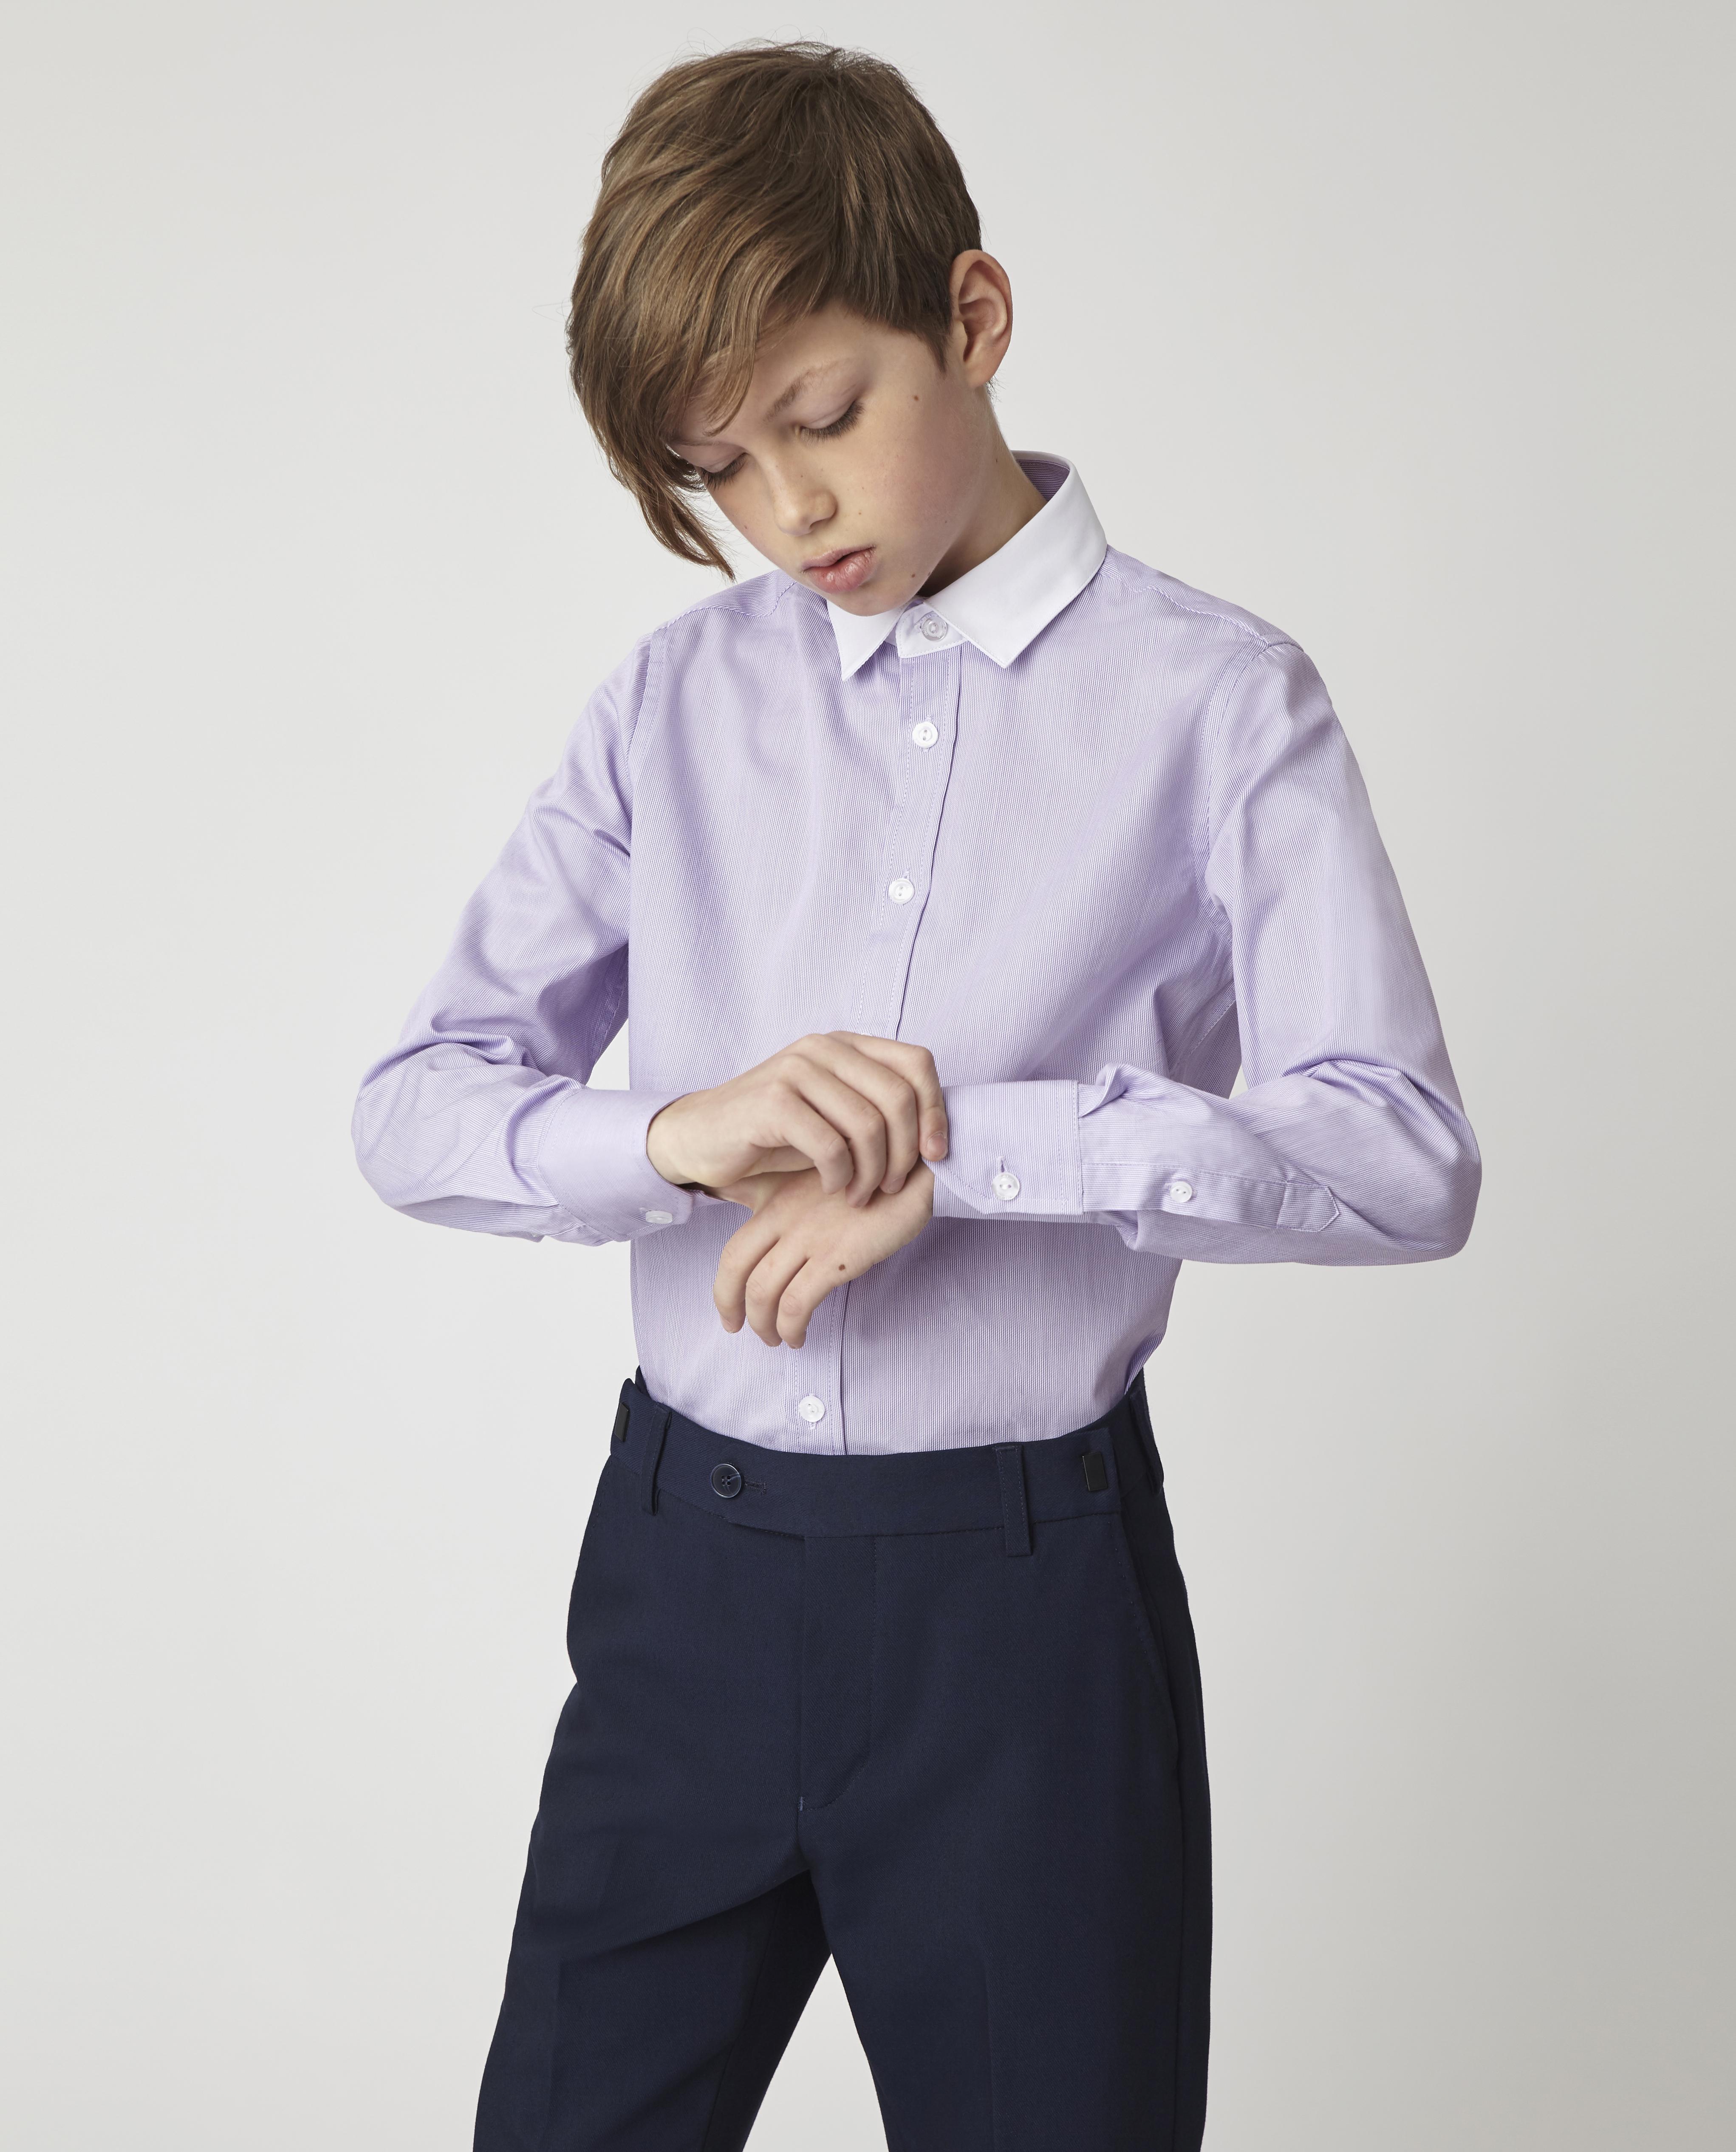 Купить 220GSBC2317, Сиреневая рубашка Gulliver, сиреневый, 170, Хлопок, Мужской, Демисезон, ШКОЛЬНАЯ ФОРМА 2020-2021 (shop: GulliverMarket Gulliver Market)